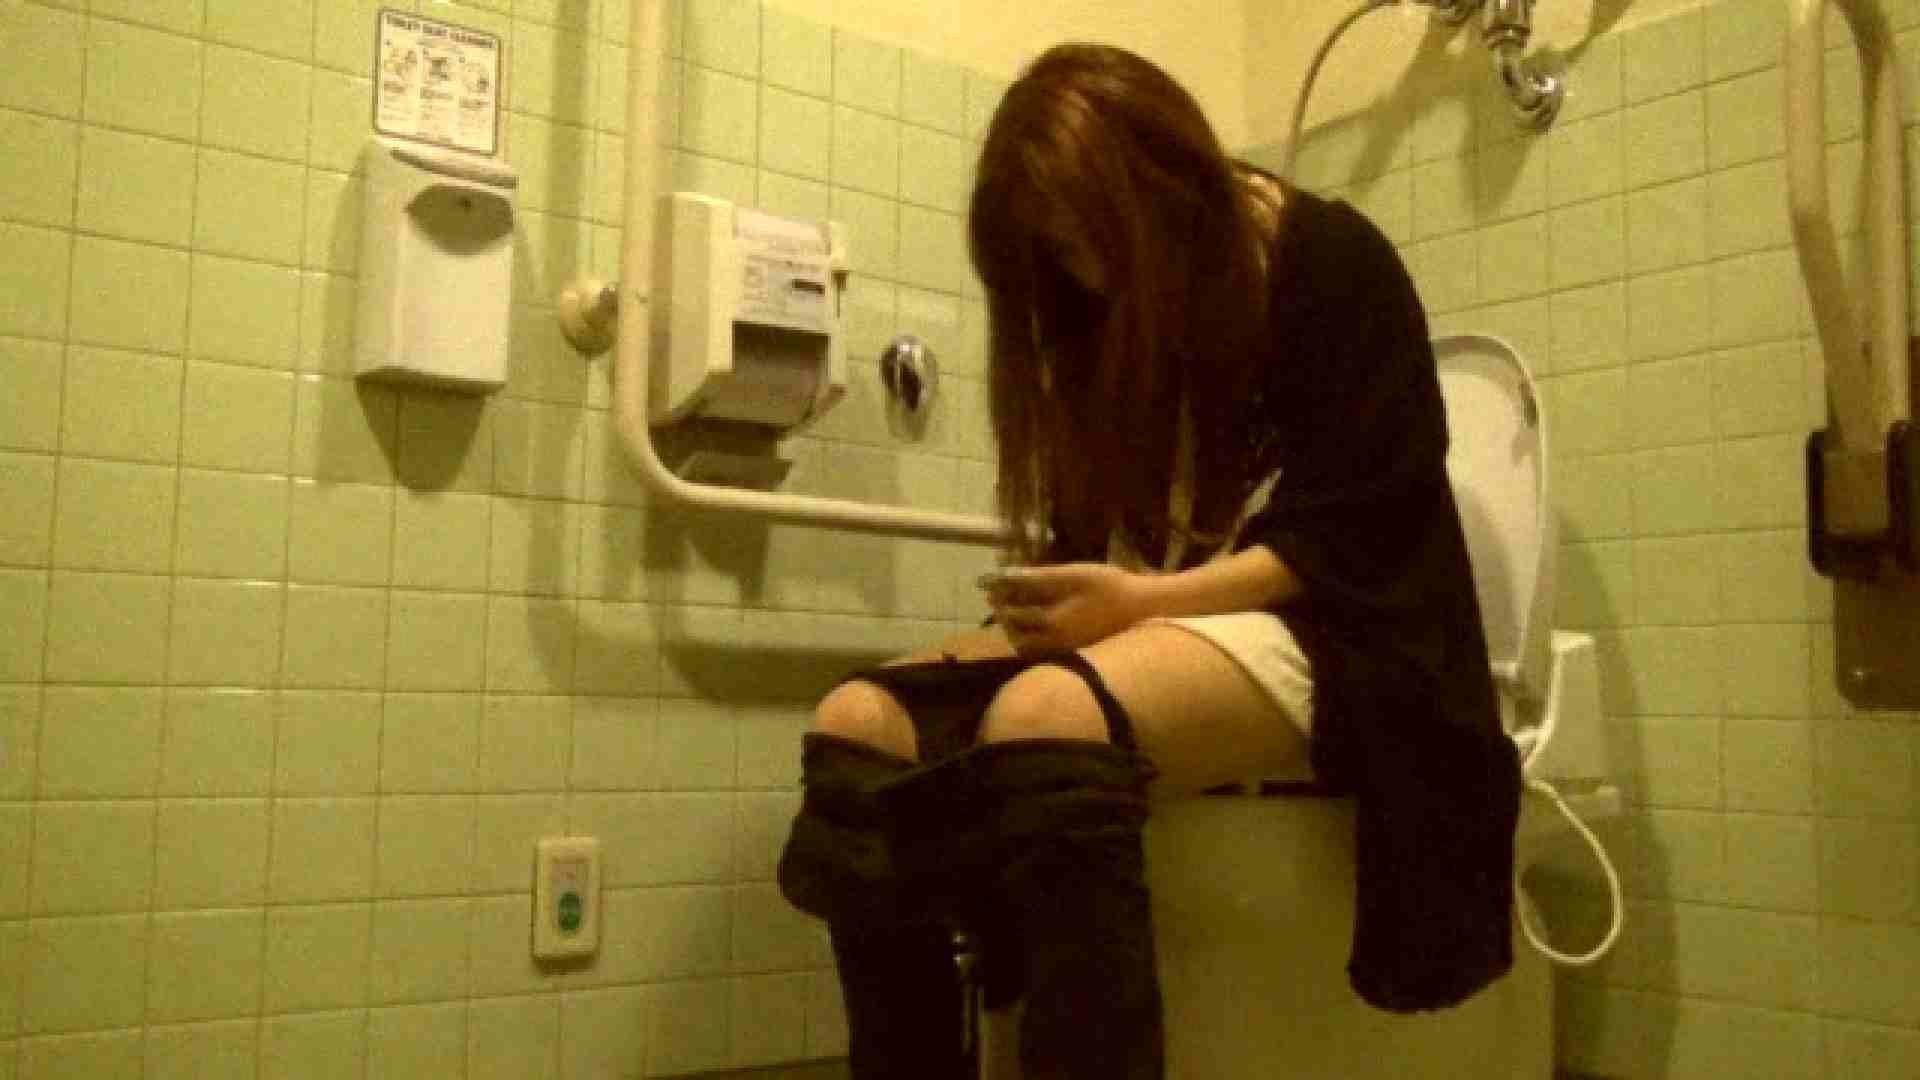 魔術師の お・も・て・な・し vol.26 19歳のバーの店員さんの洗面所をしばし… 洗面所突入 エロ無料画像 73pic 5